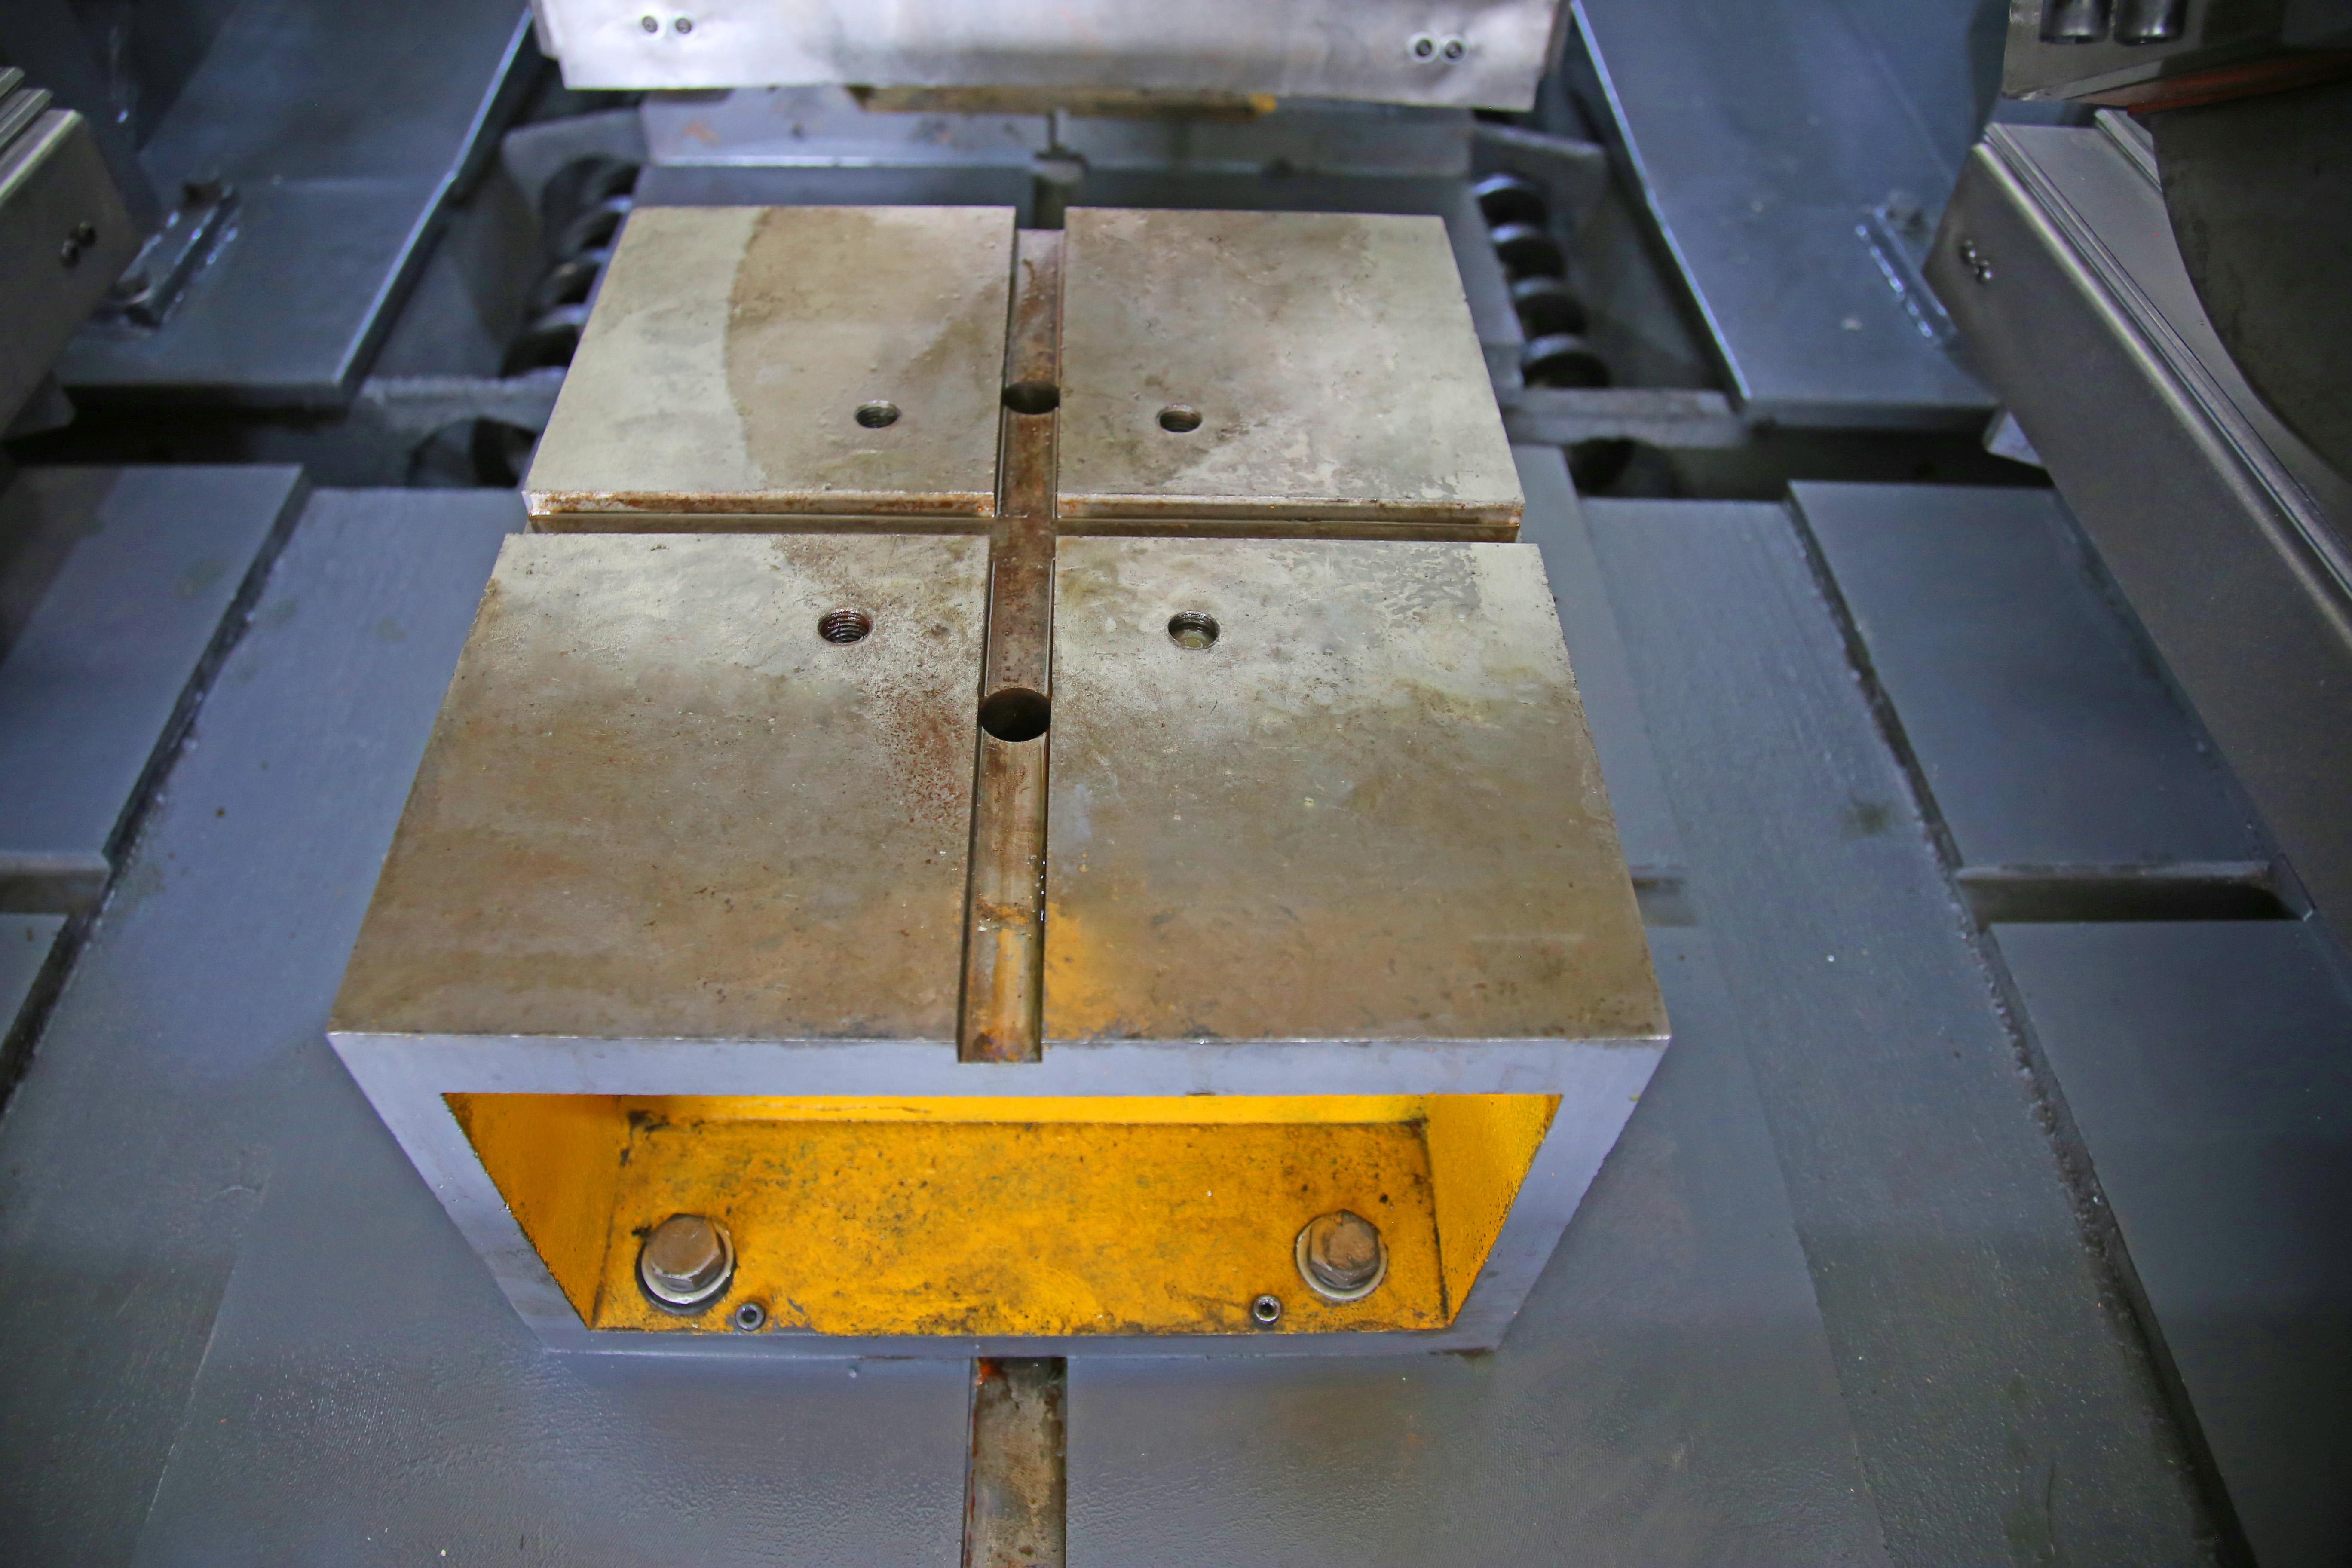 閥門加工專用機床 閥門法蘭加工設備 鑄鋼閘閥截止閥加工專機